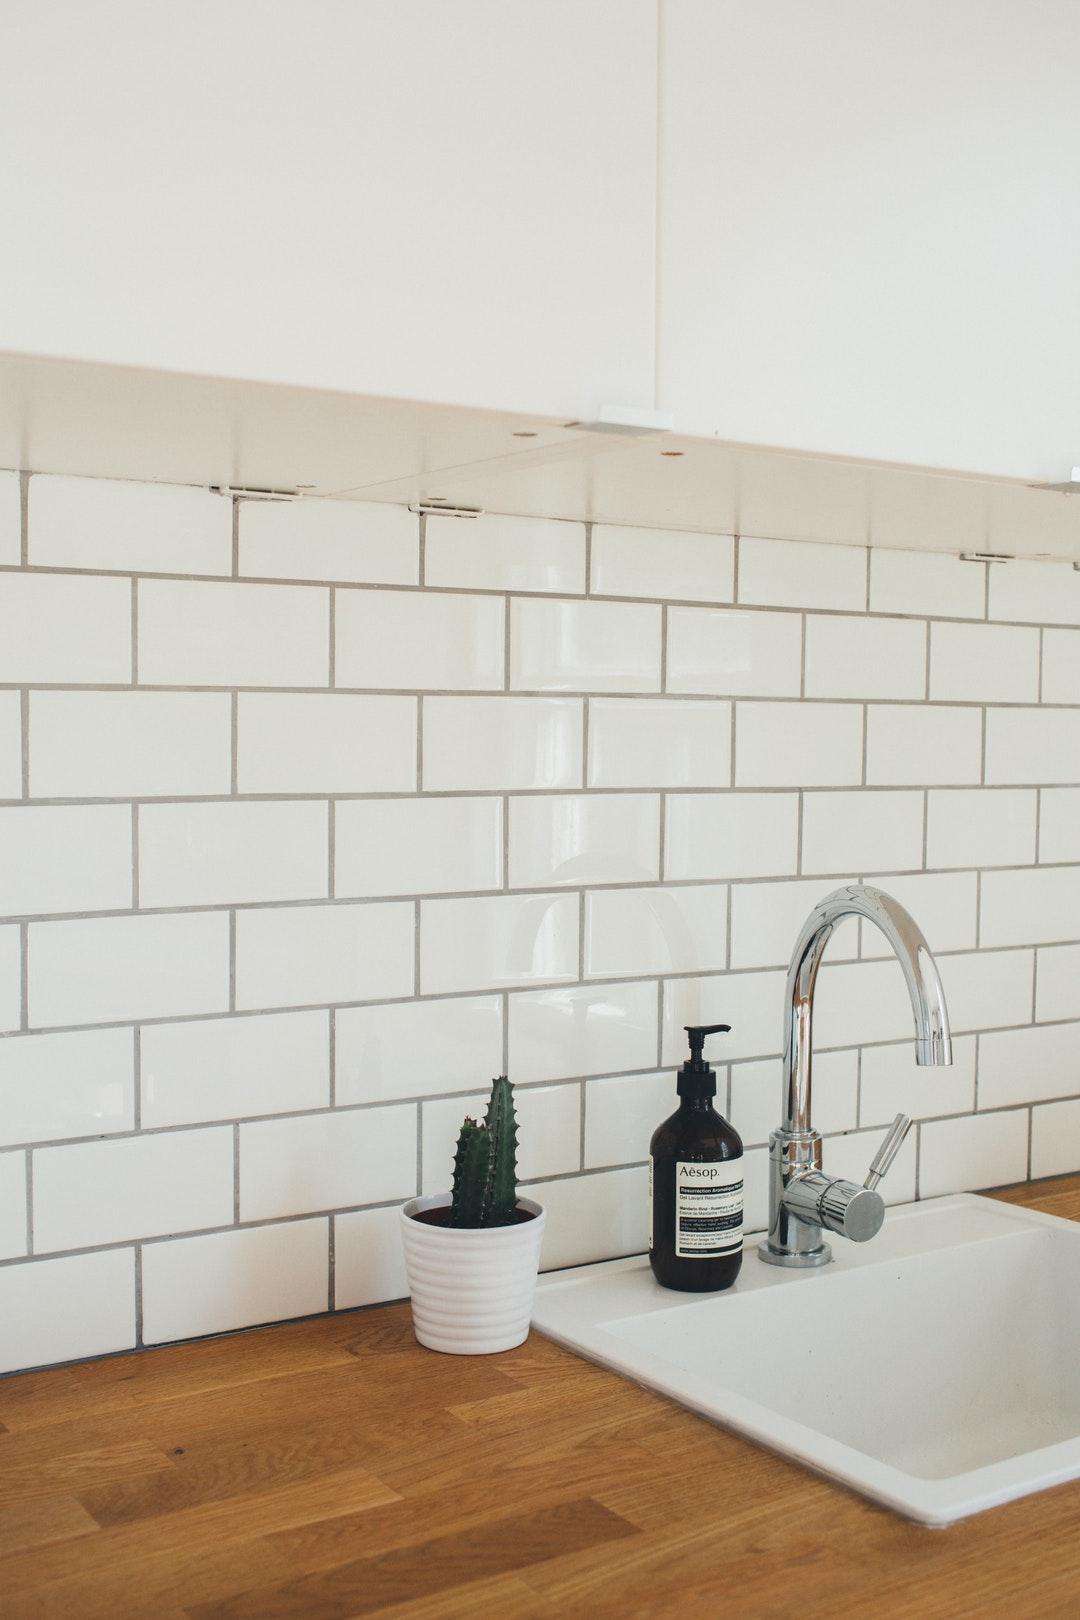 10 Kitchen Backsplash Tile Trends for 2019 - BELK Tile